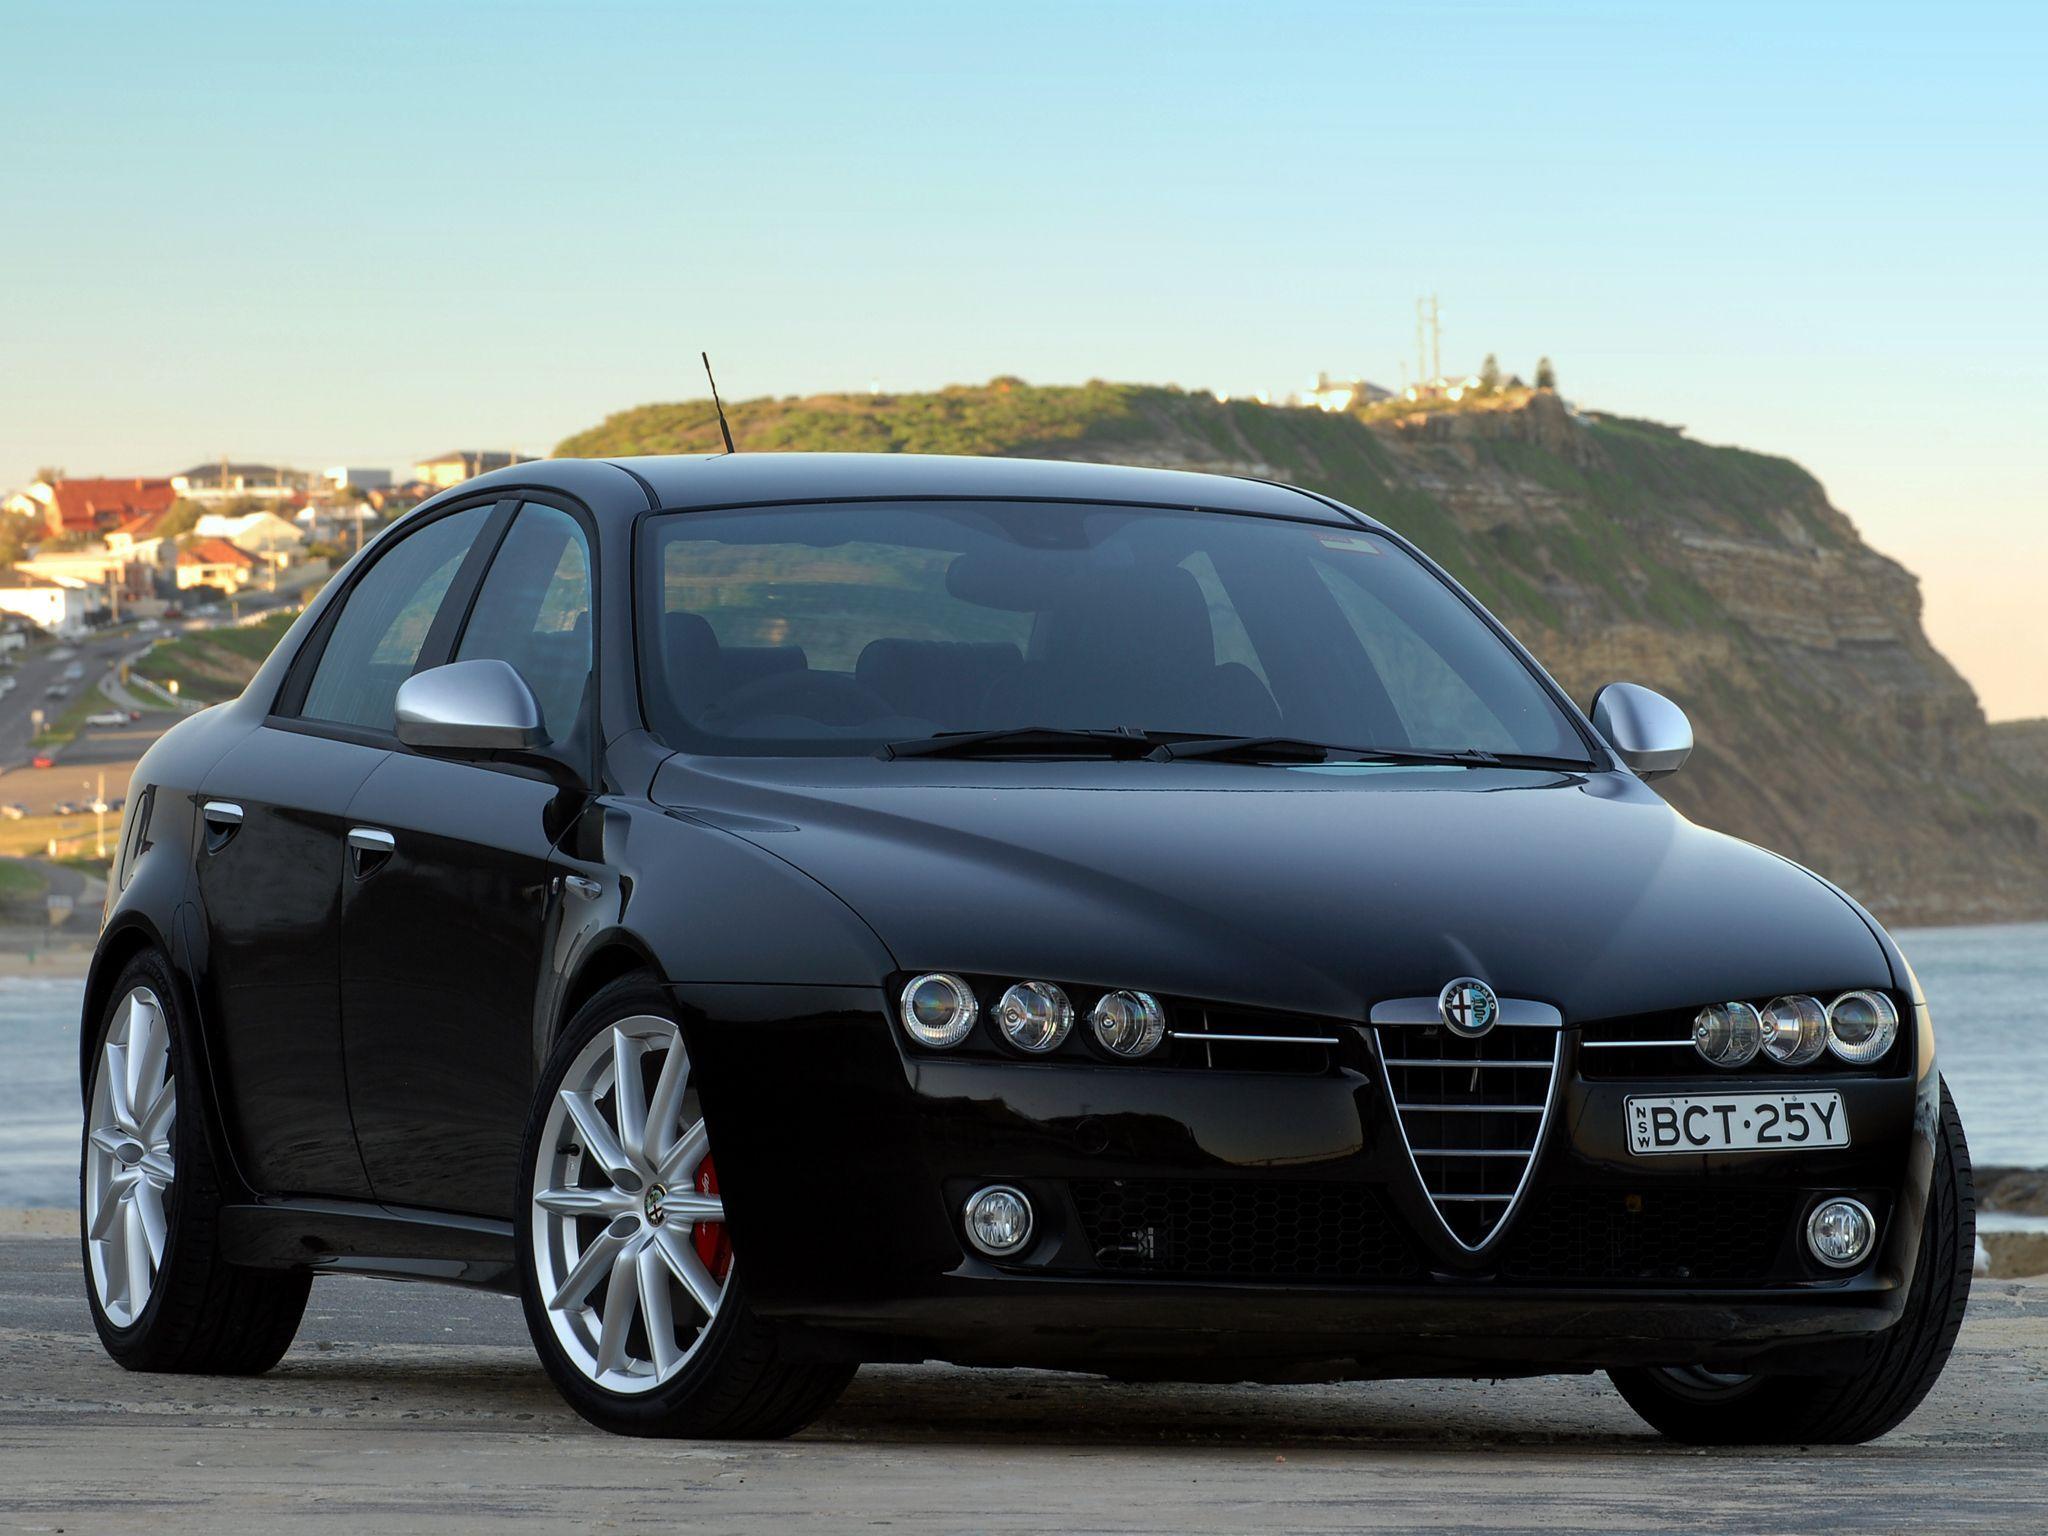 Perfect Alfa Romeo 159 Alfa Romeo classic cars